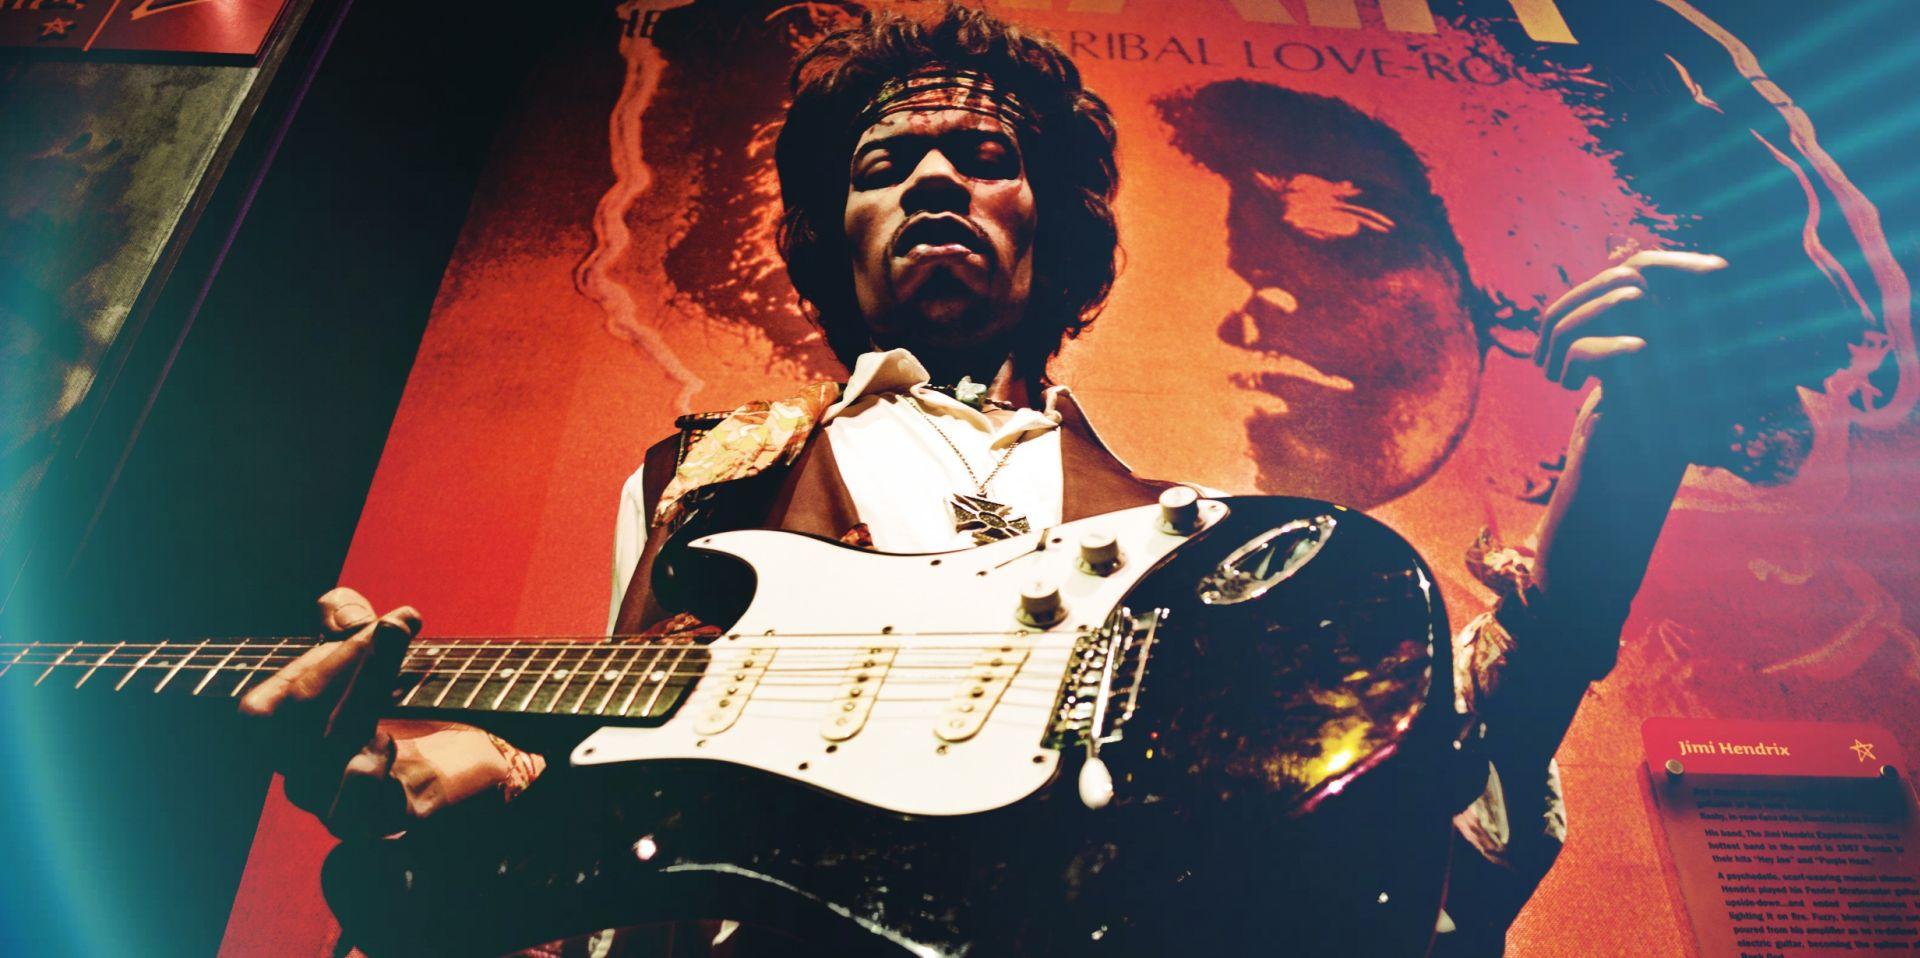 """GDJE BI MU BIO KRAJ… """"Da je poživio, Jimi Hendrix pomogao bi u stvranju rap glazbe"""""""